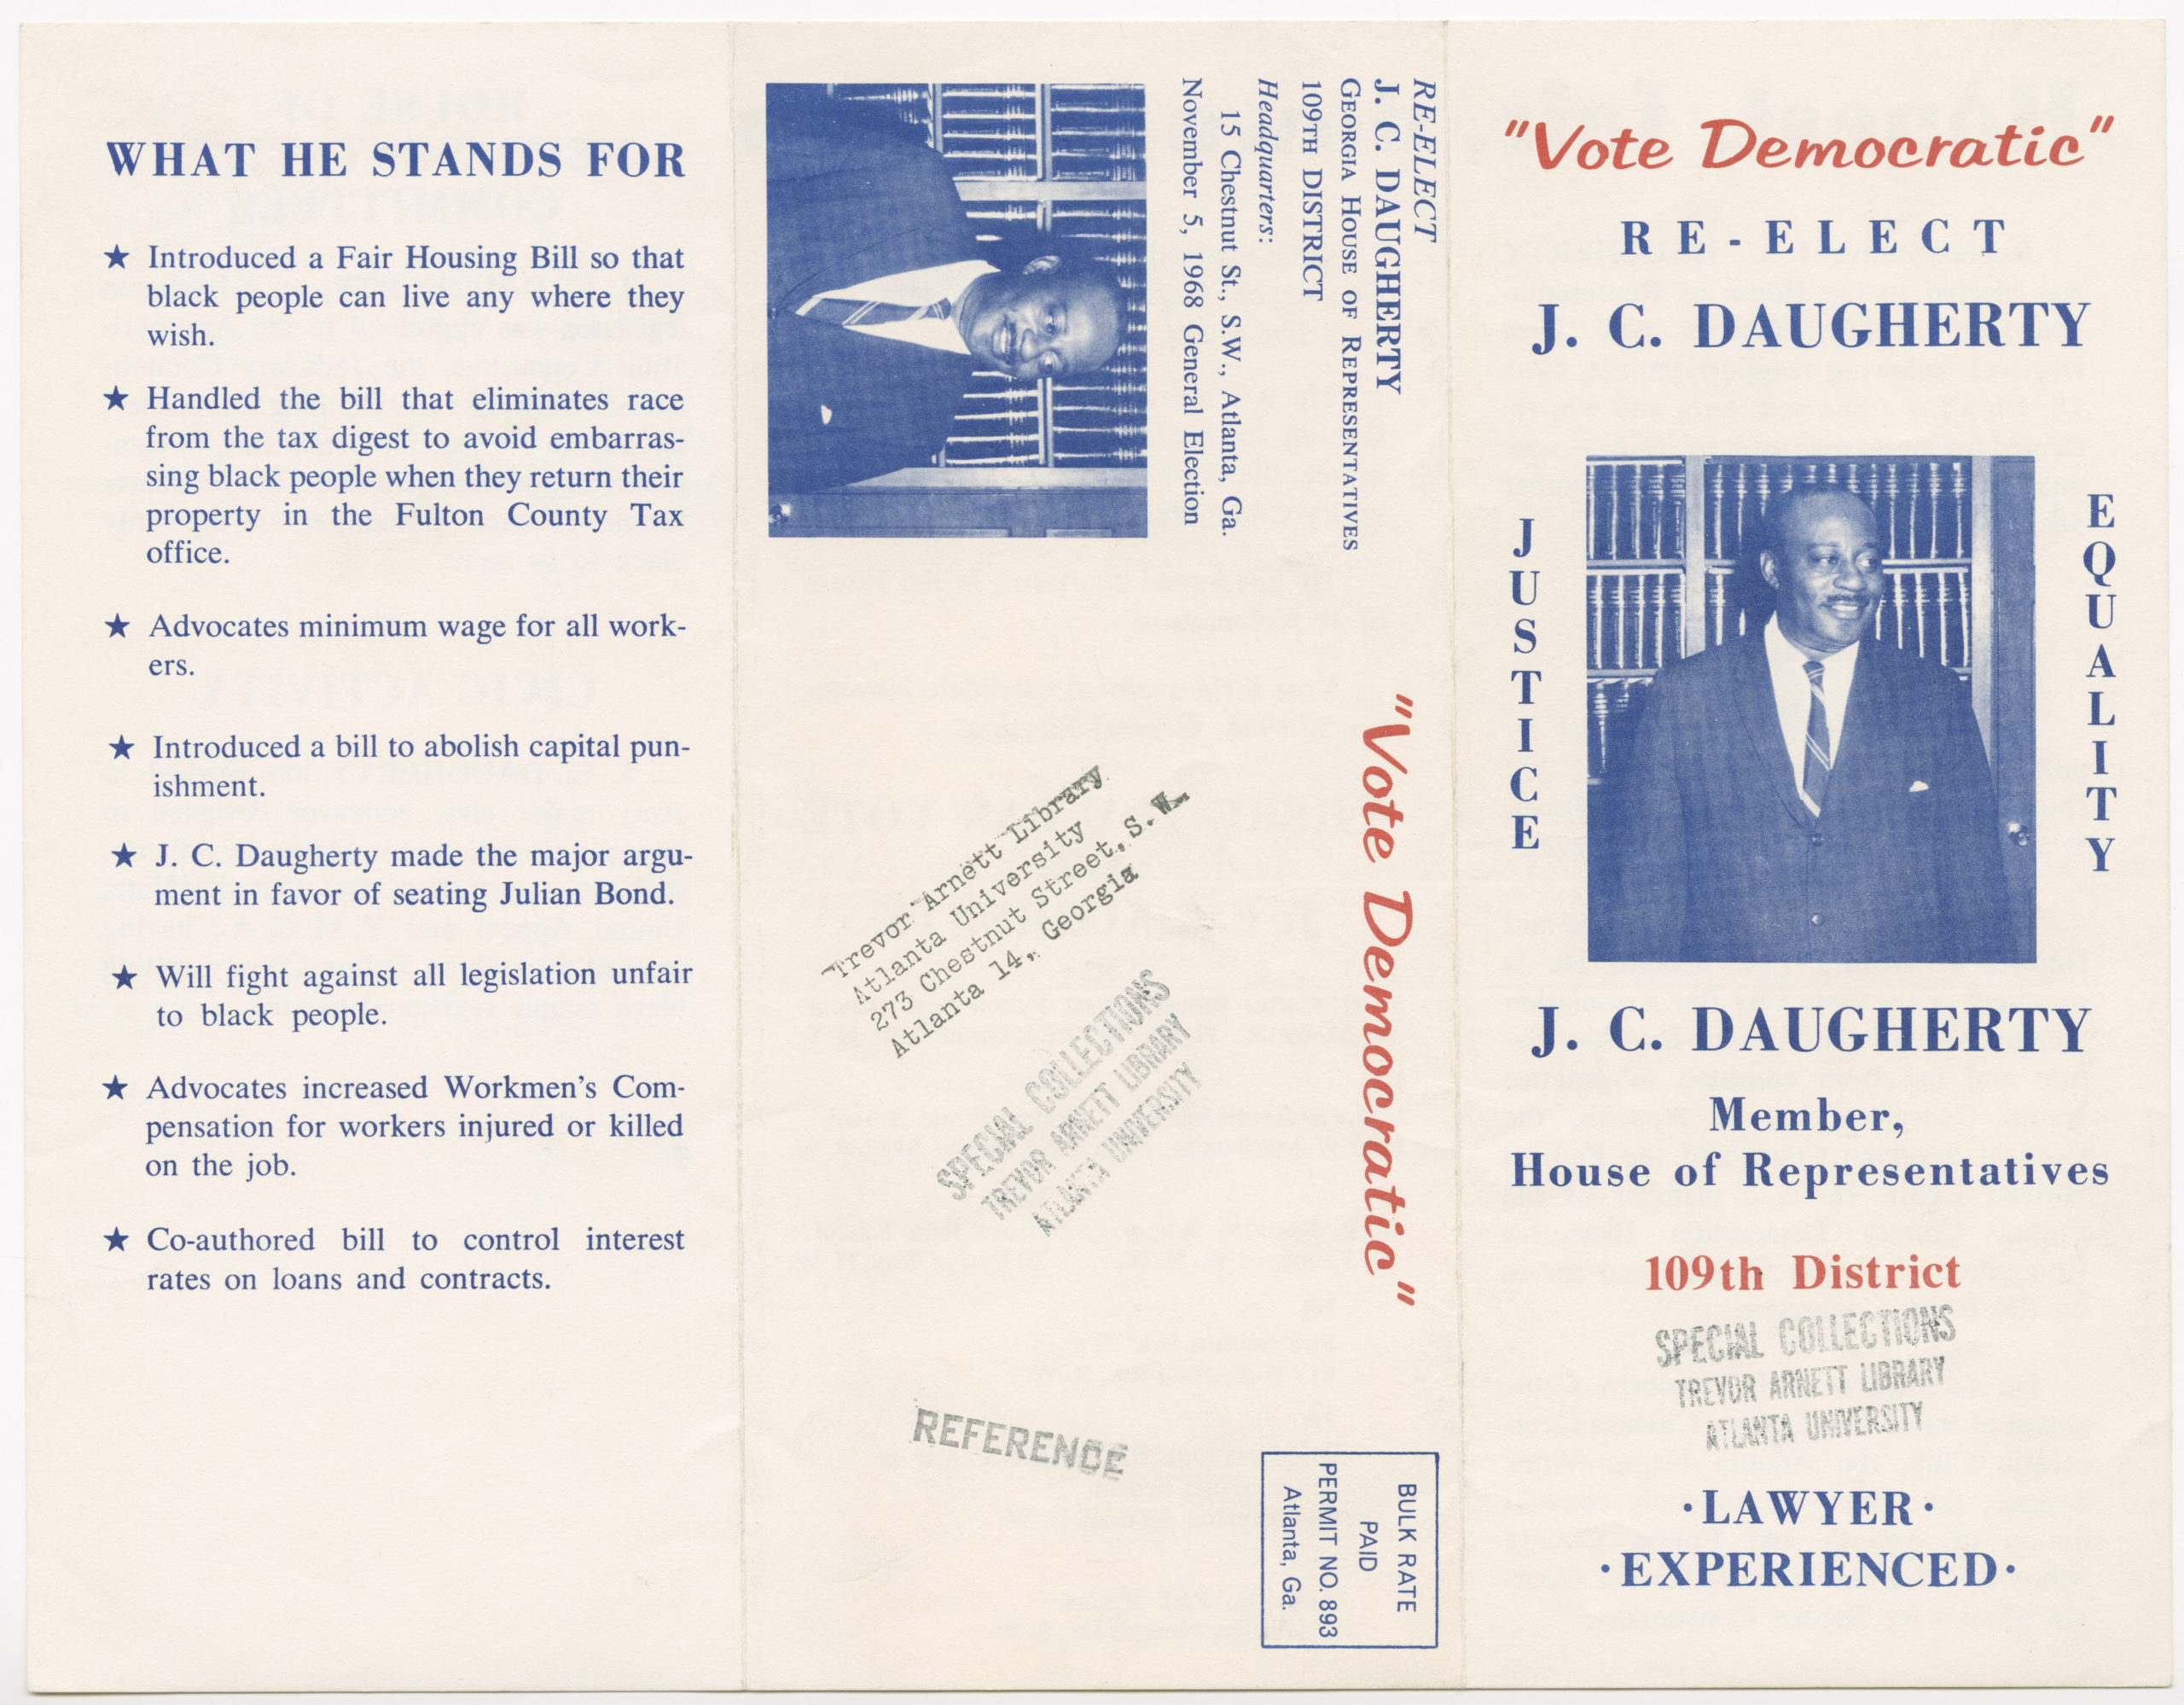 J.C. Daugherty campaign brochure, Julius Cornelius Daugherty, 1924-1987, 1968, Julius C. Daugherty, Sr. biographical file